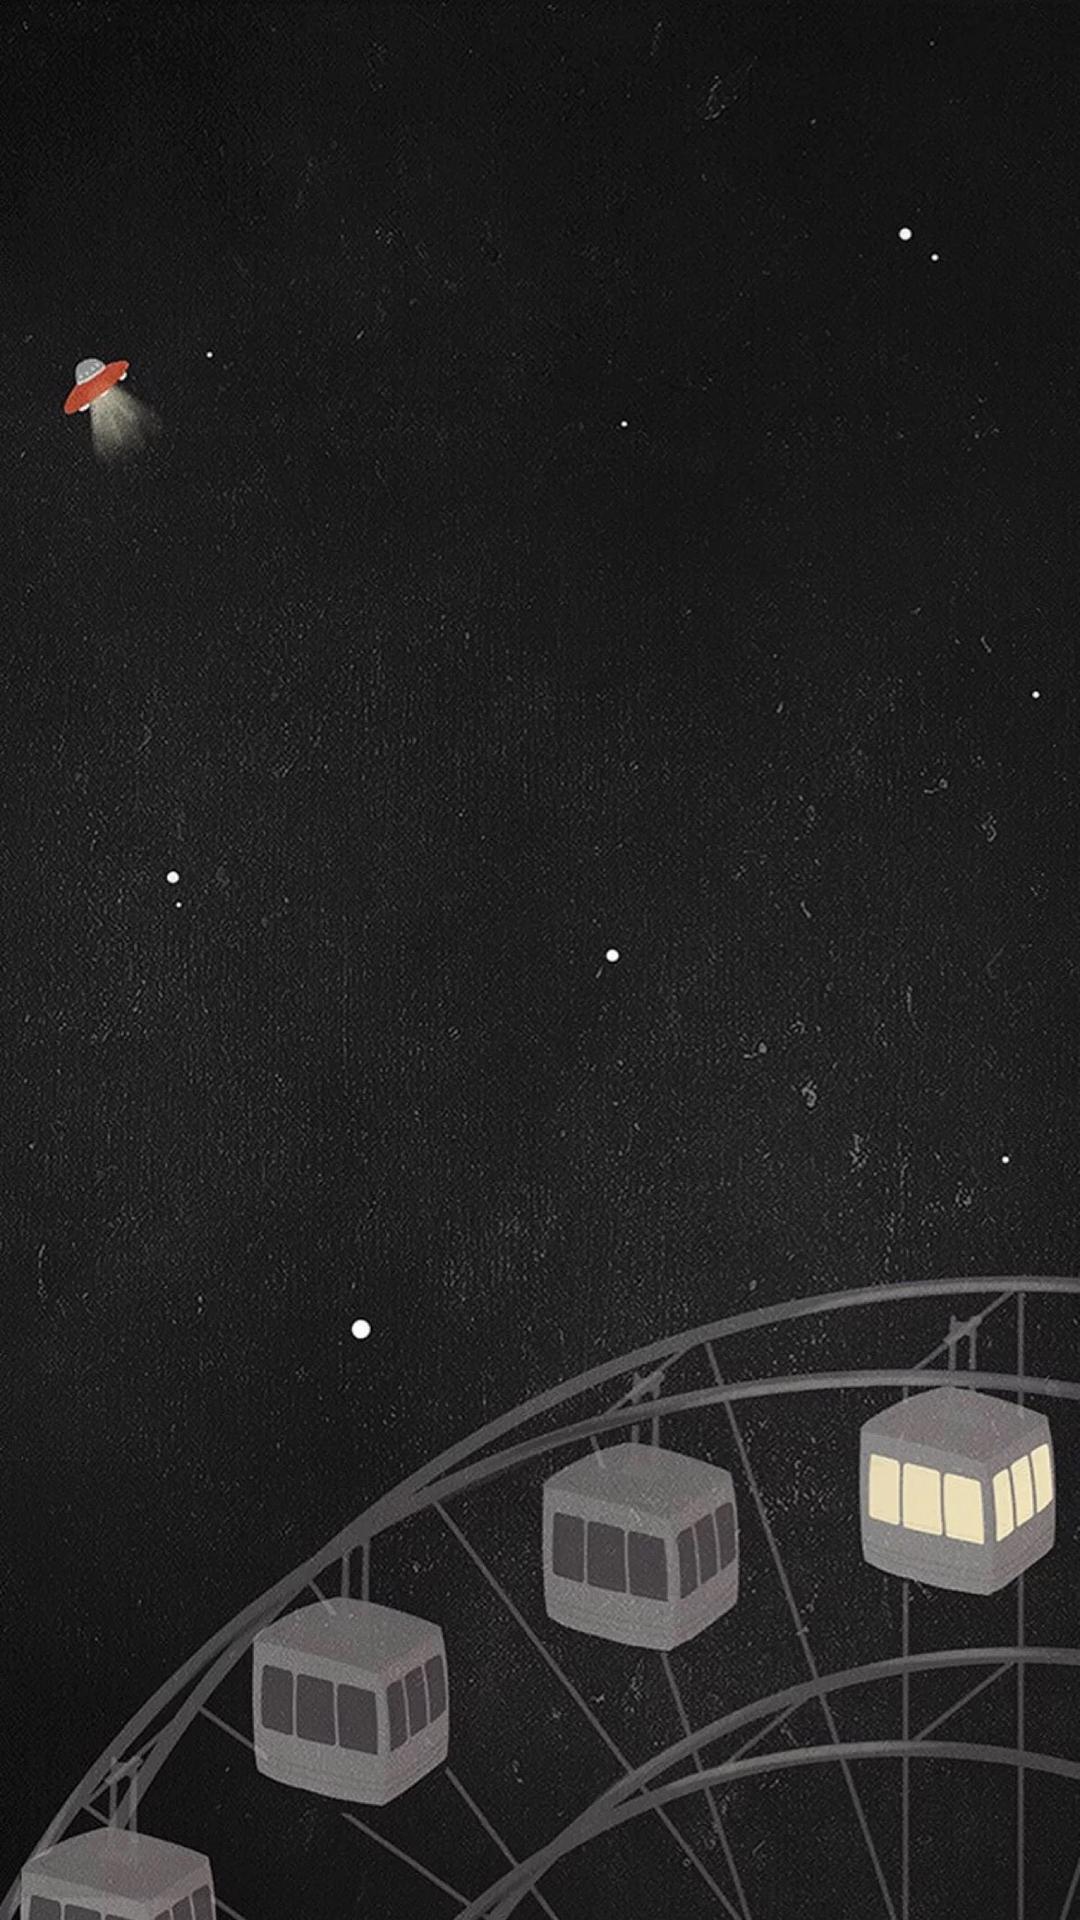 摩天轮手绘黑白黑夜飞船星空